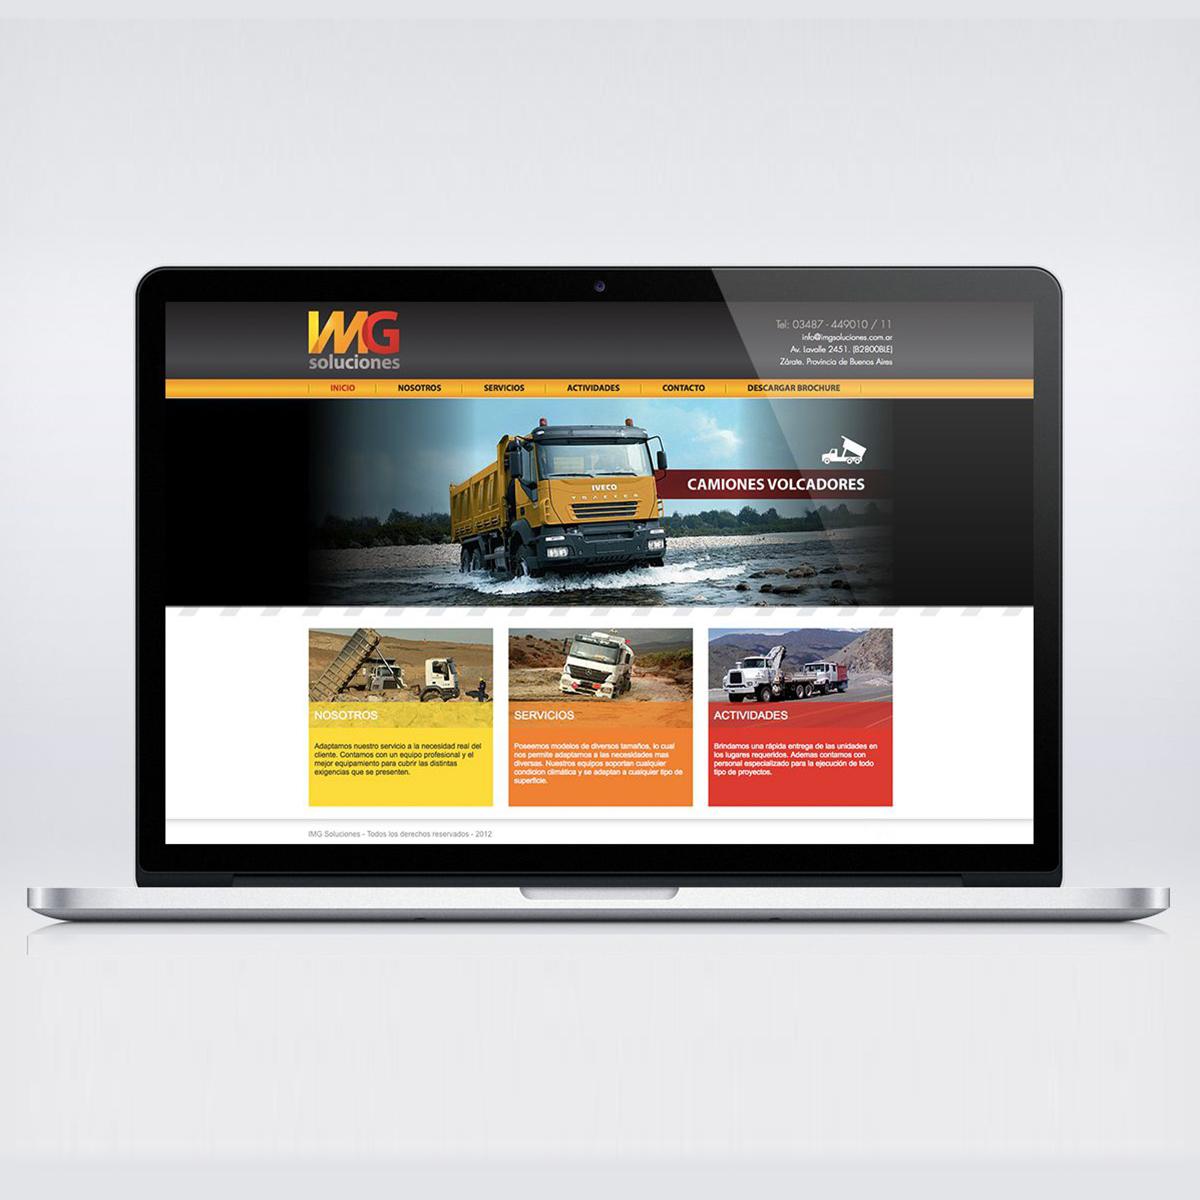 IMG Soluciones / Argentina / Website